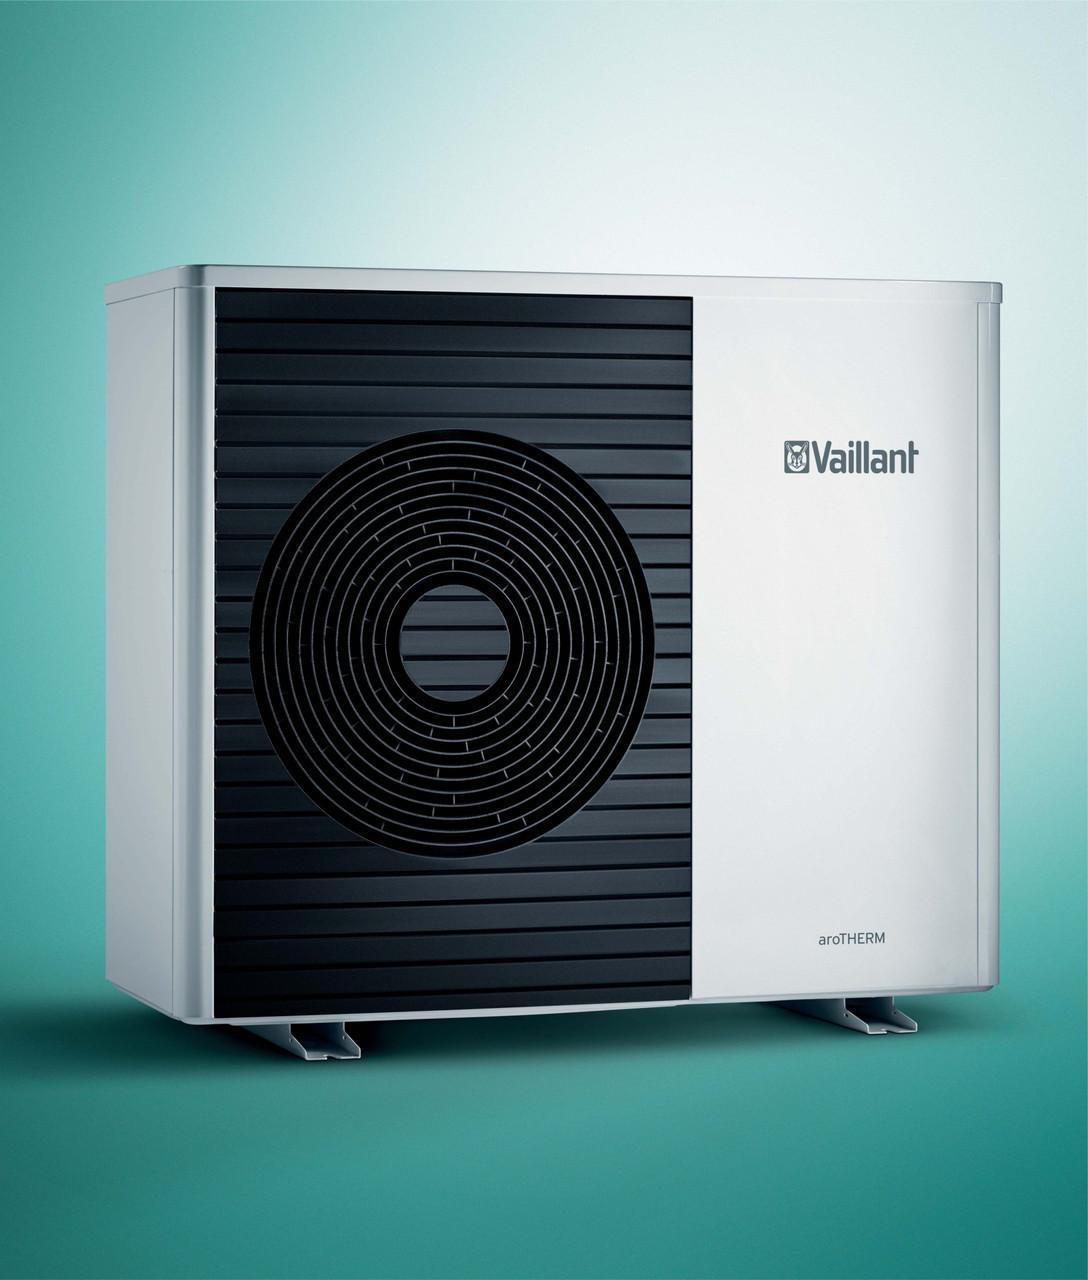 Тепловой насос для отопления, горячего водоснабжения и охлаждения Vaillant aroTHERM split VWL 105/5 AS 230V